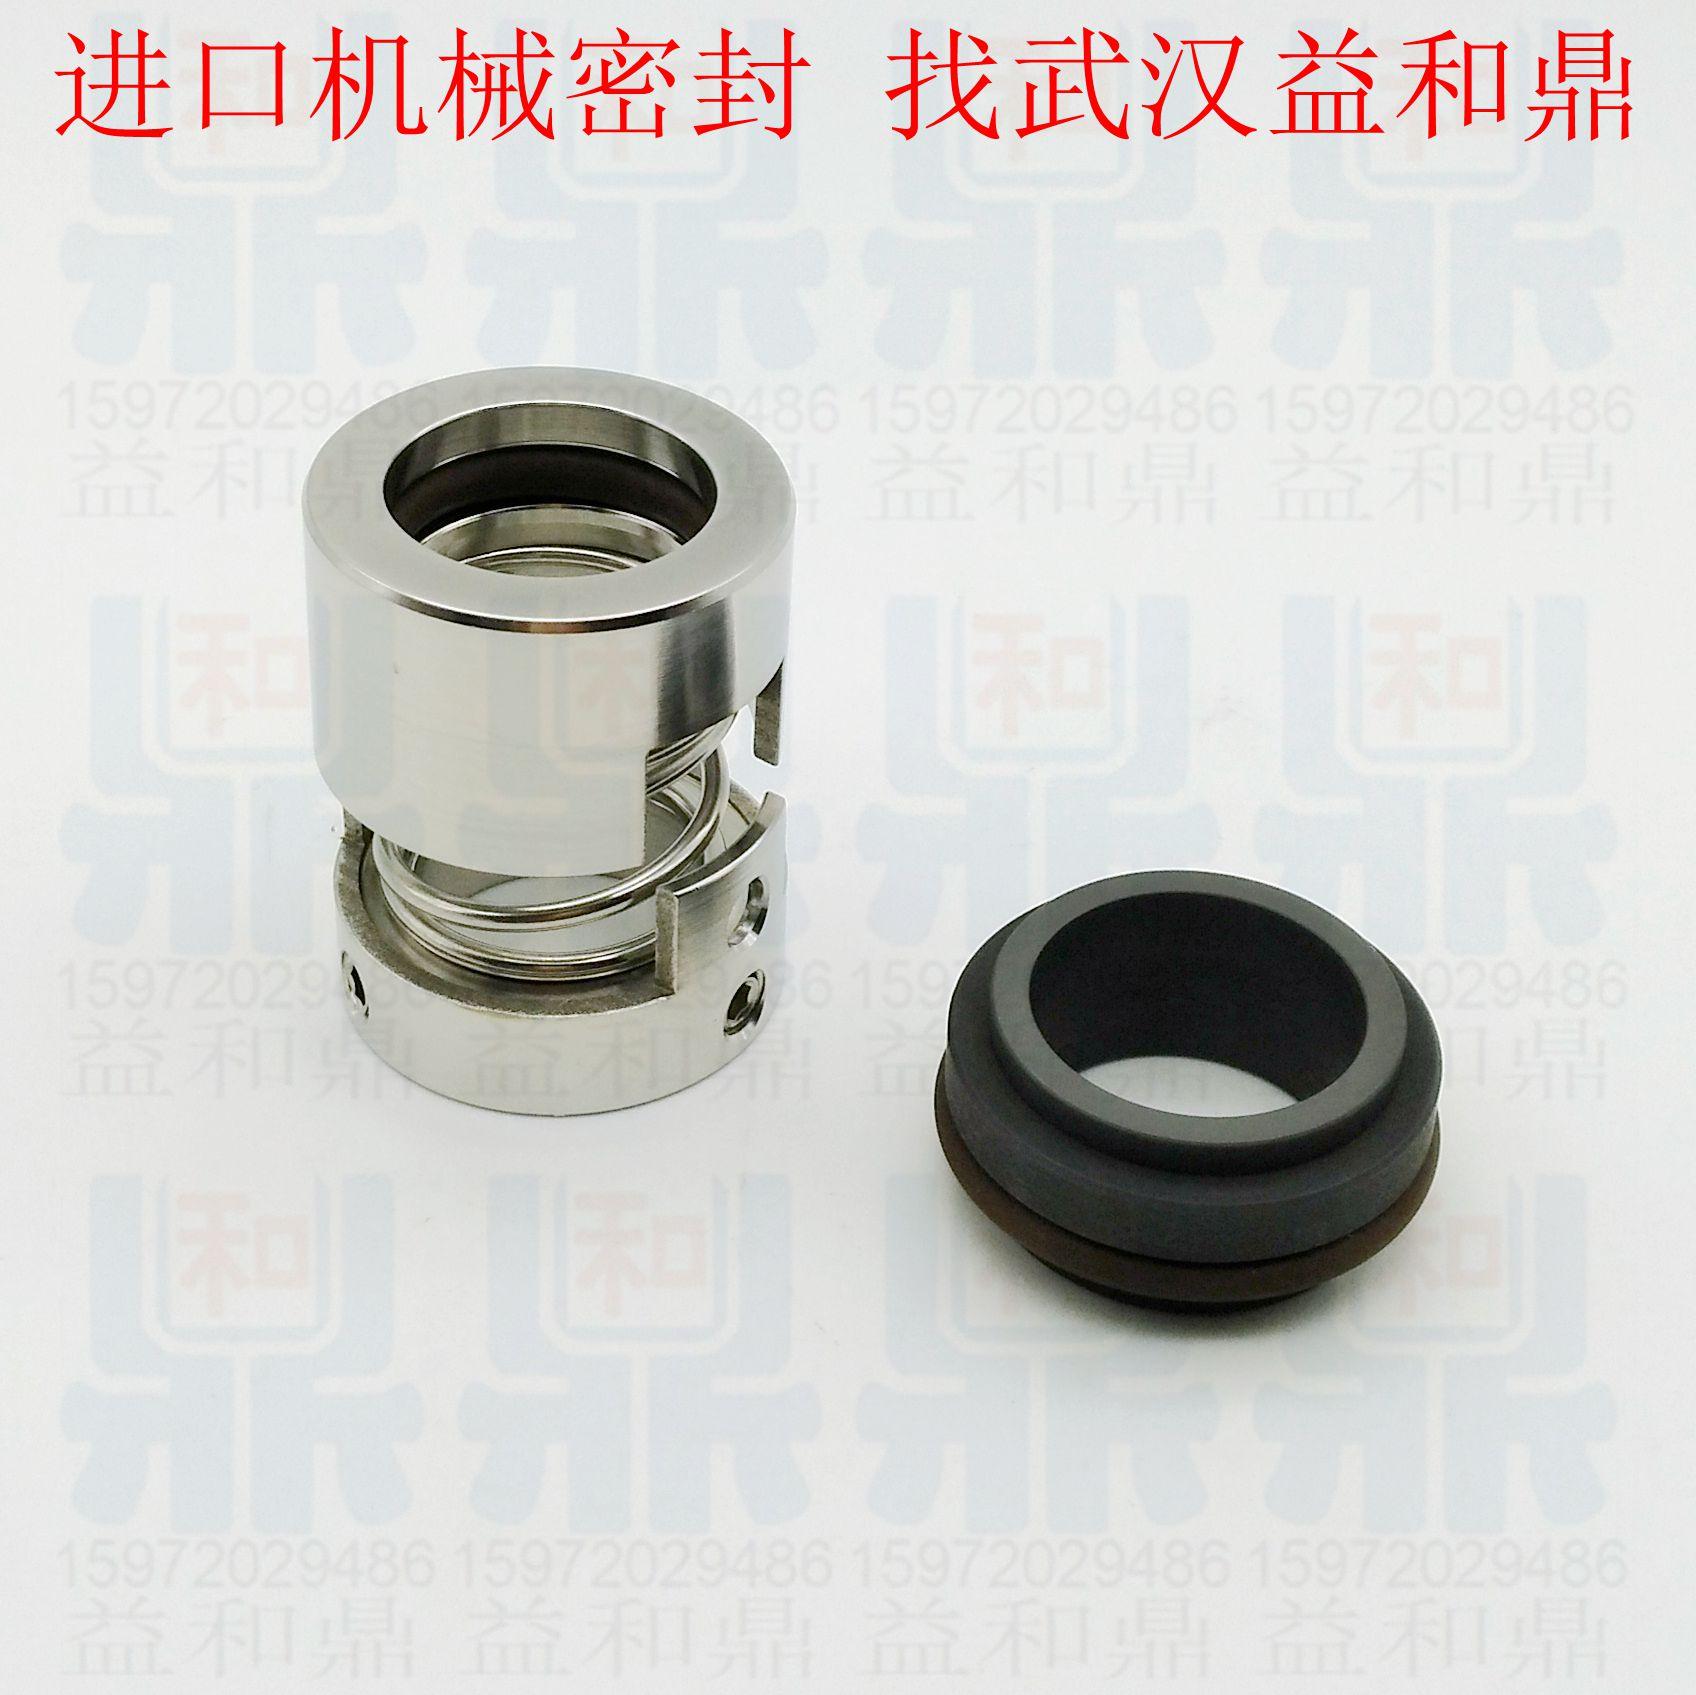 厂家直销日本酉岛TORISHIMA泵DFM-TRP-016双端面耐高温高压密封件